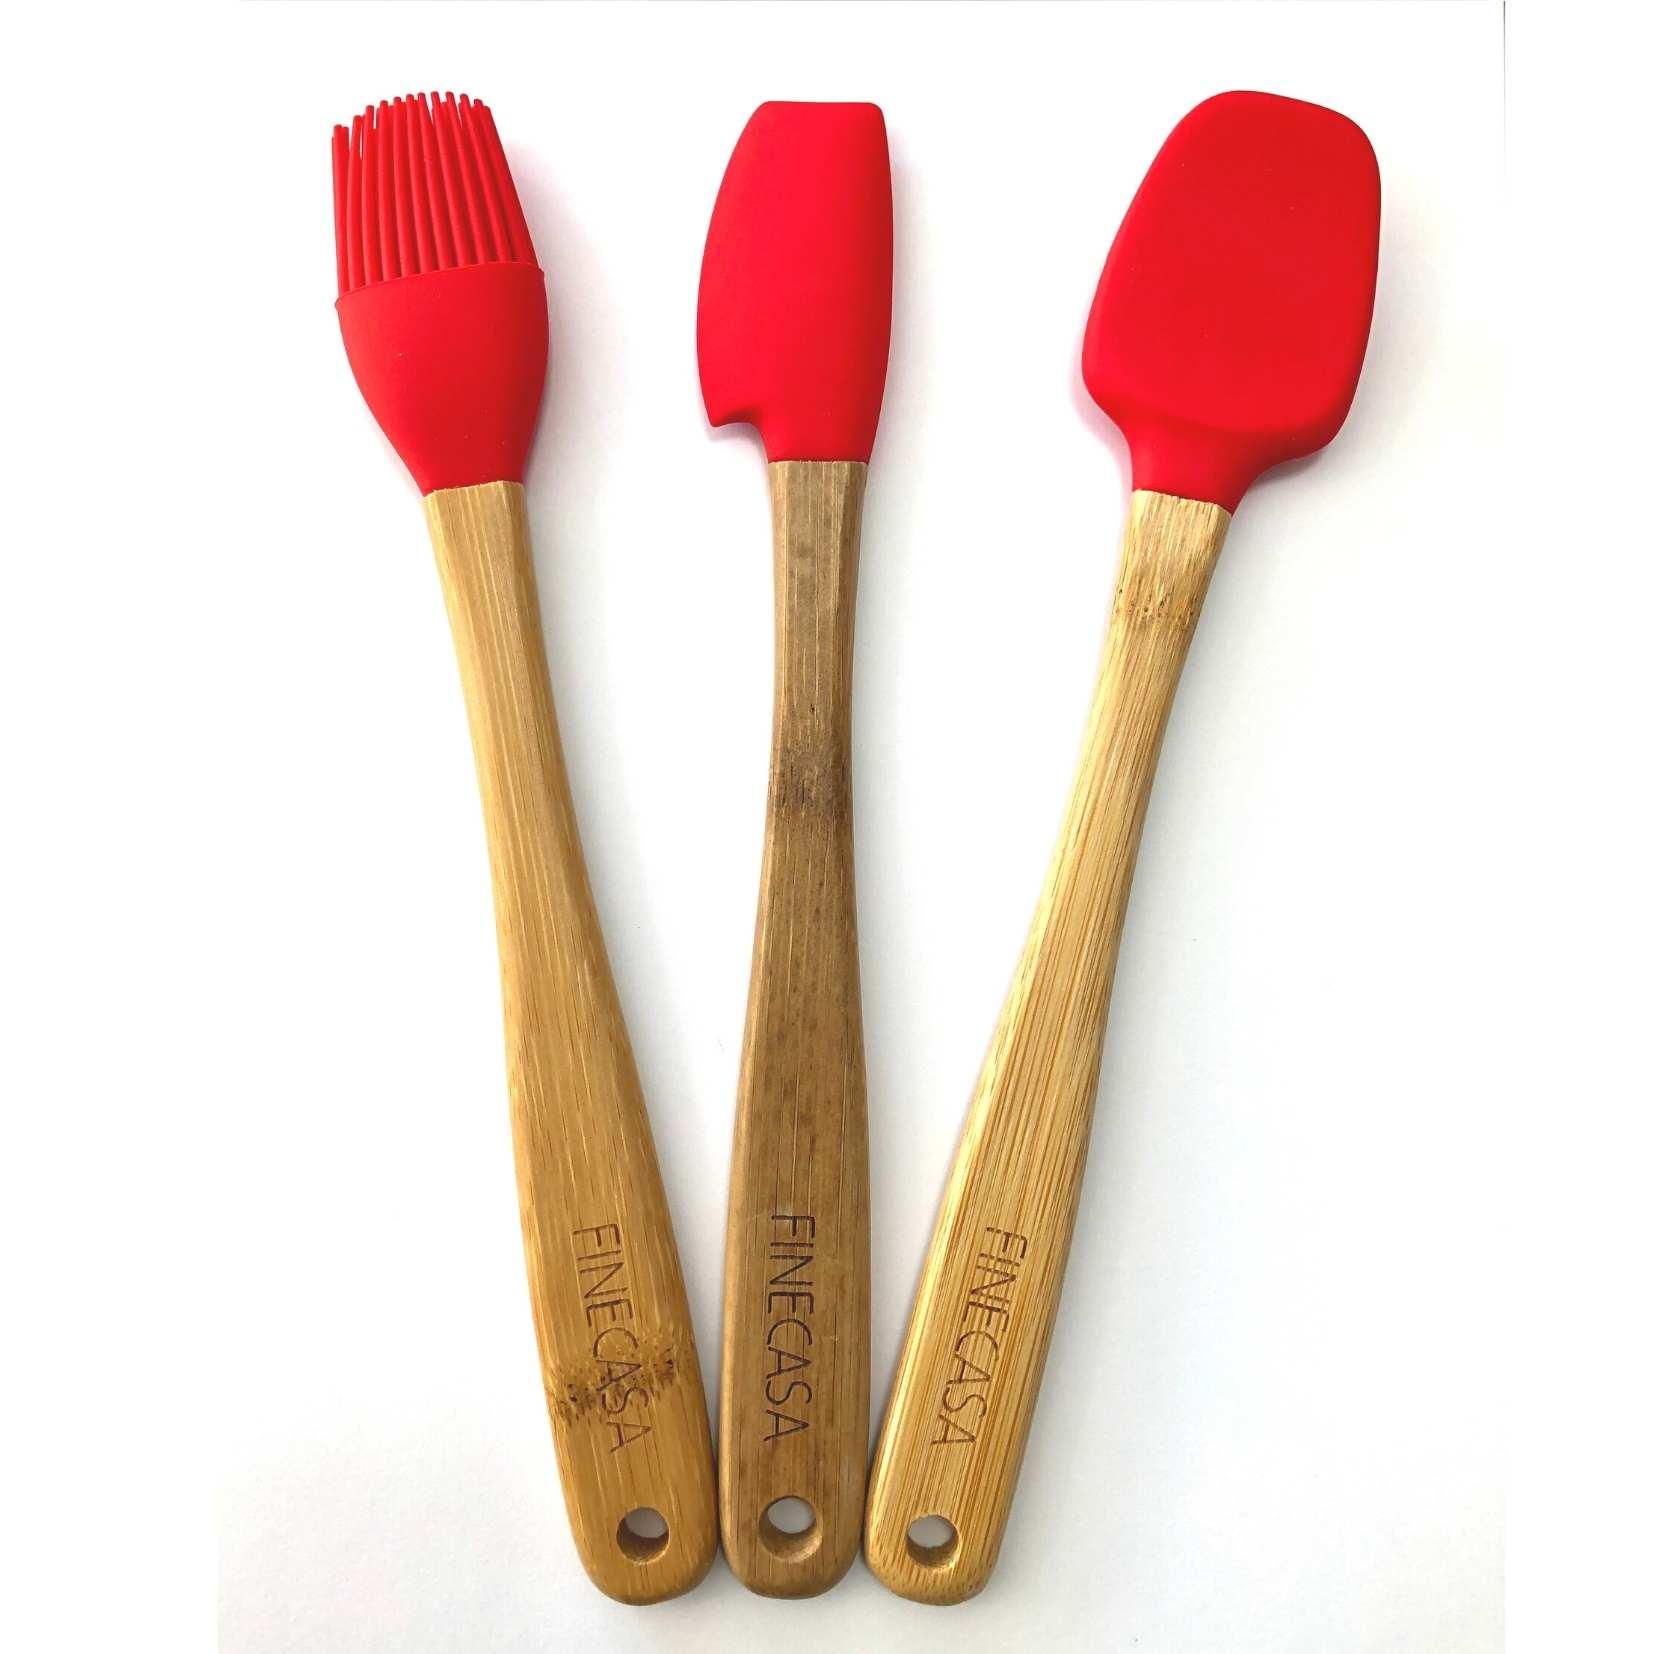 Kit c/3 Utensílios em Bambu e Silicone Pequenos Vermelho - Yoi